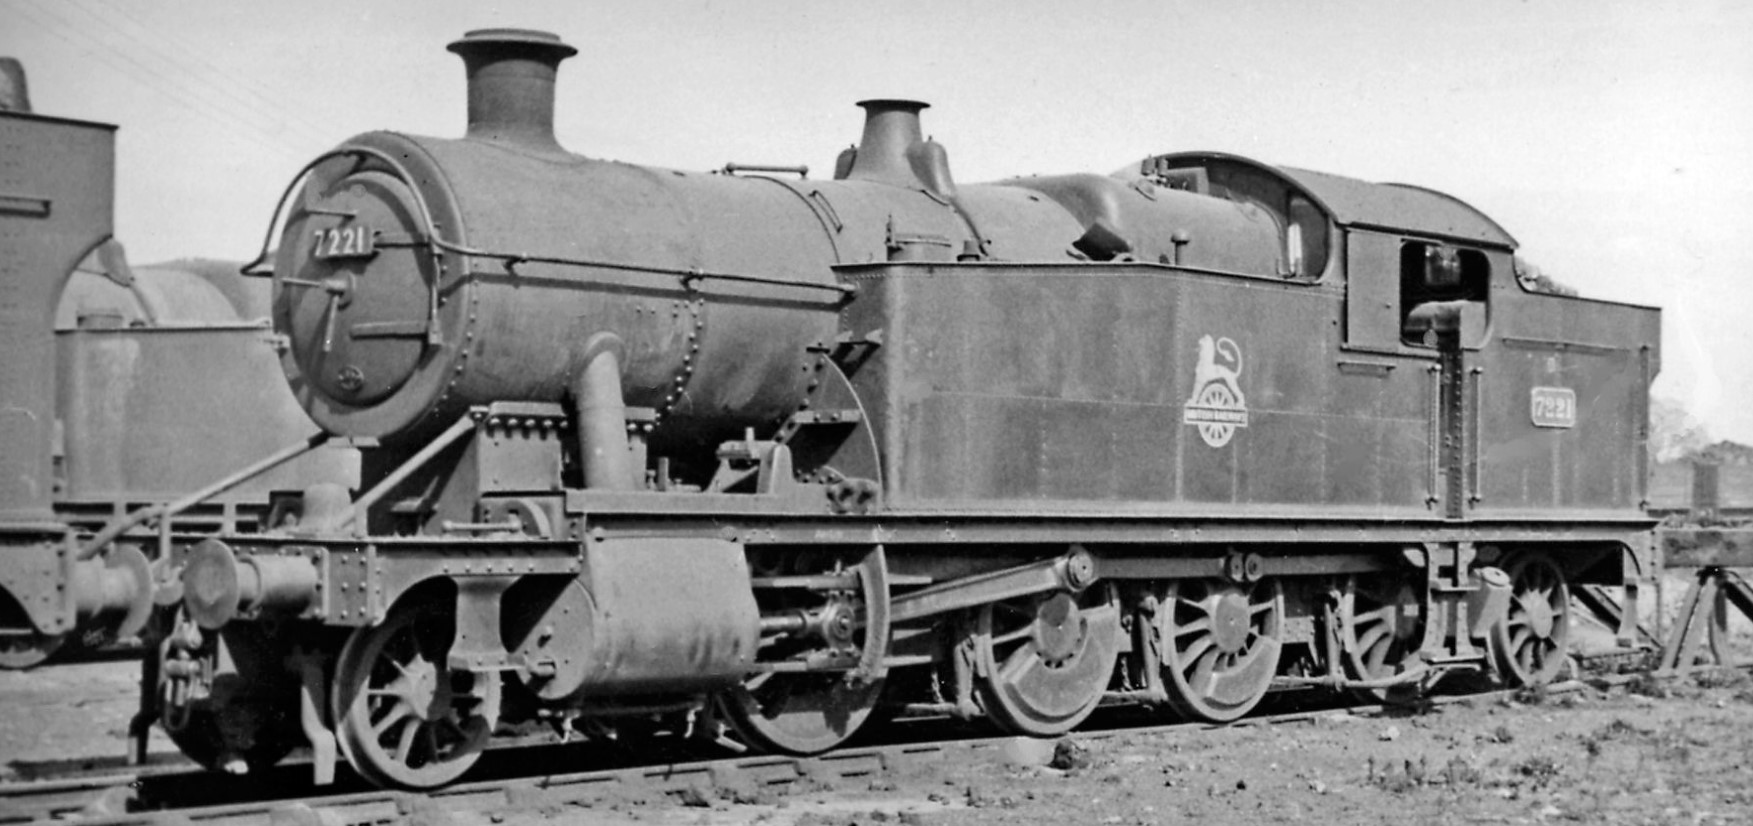 7221 at Severn Tunnel Junction Locomotive Depot in April 1951. ©Ben Brooksbank